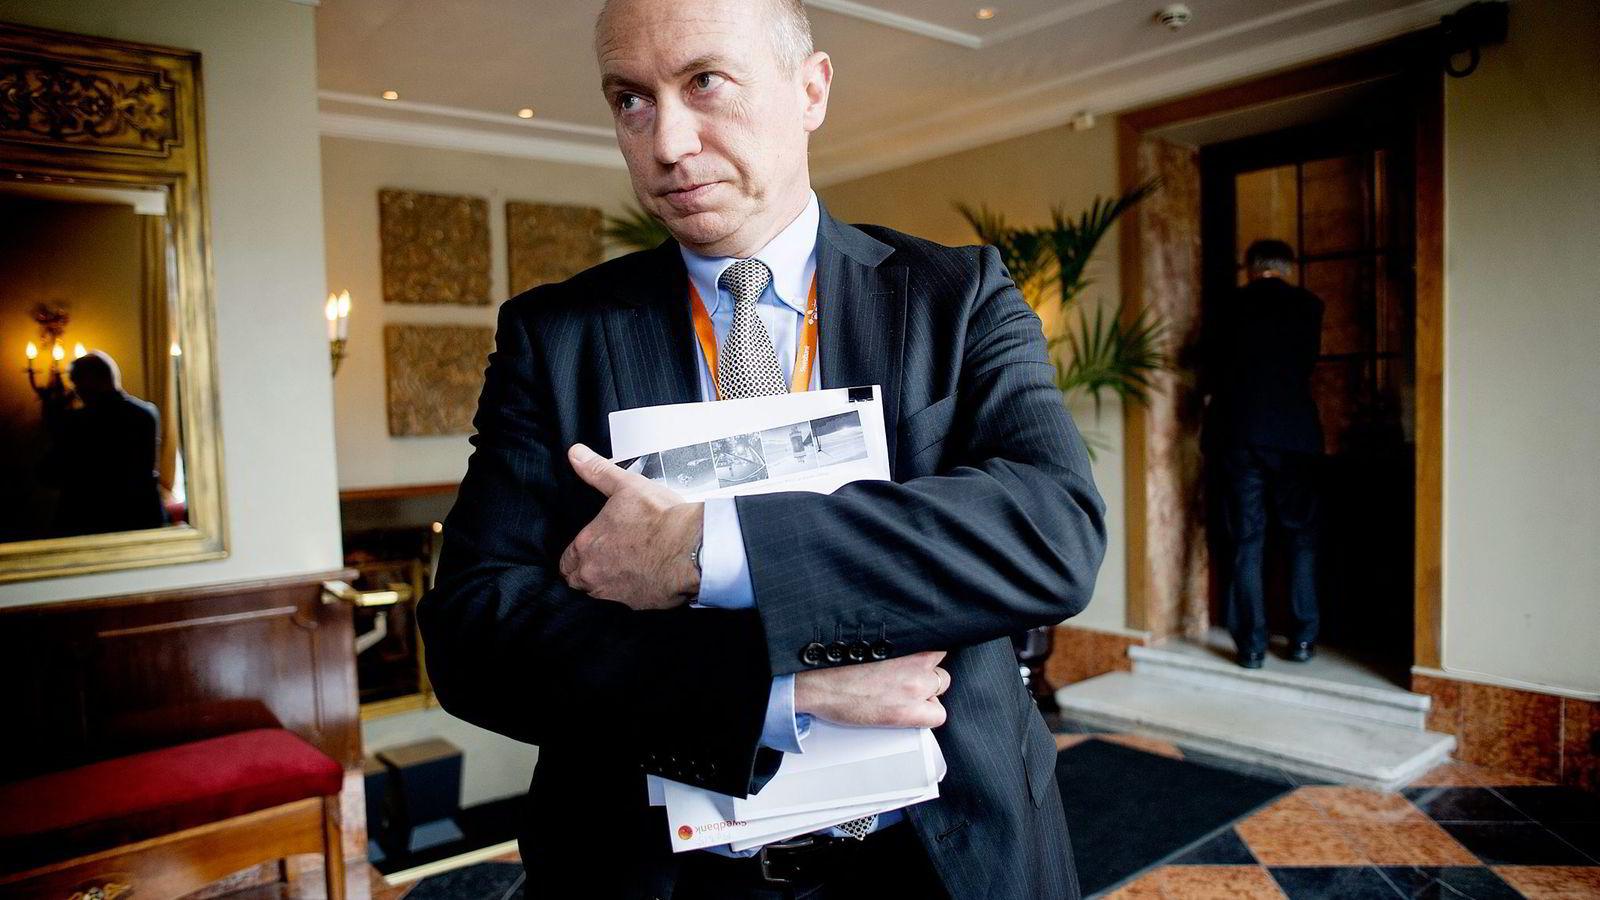 En stor internasjonal finansiell investor vurderer å overta Statkrafts vindprosjekter i Trøndelag. Bildet viser Statkraft-sjef Christian Rynning-Tønnesen.